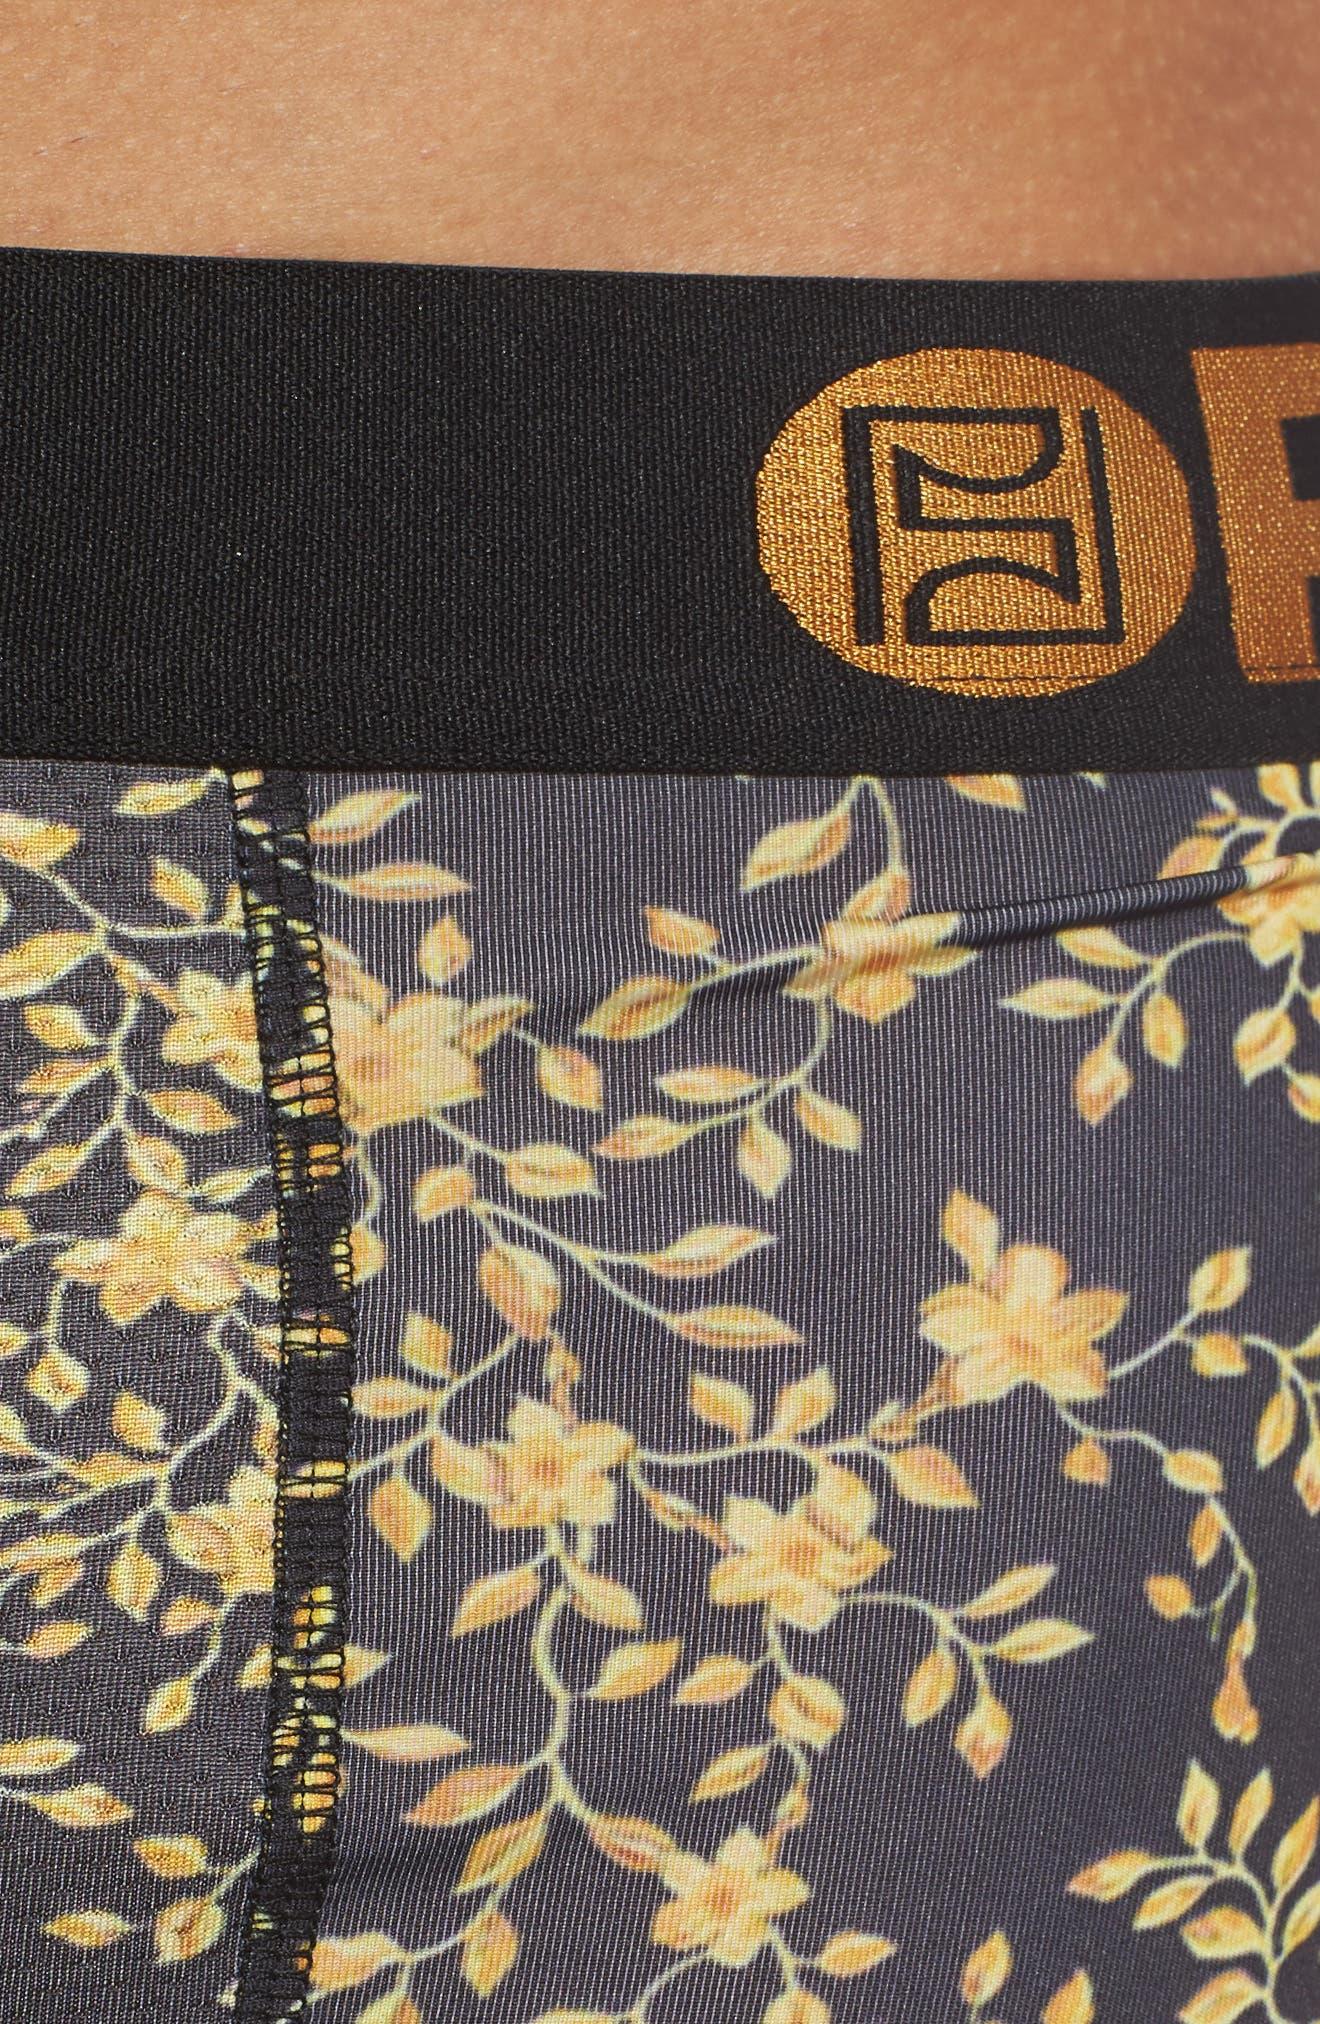 Flower Sace Boxer Briefs,                             Alternate thumbnail 4, color,                             BLACK/ GOLD